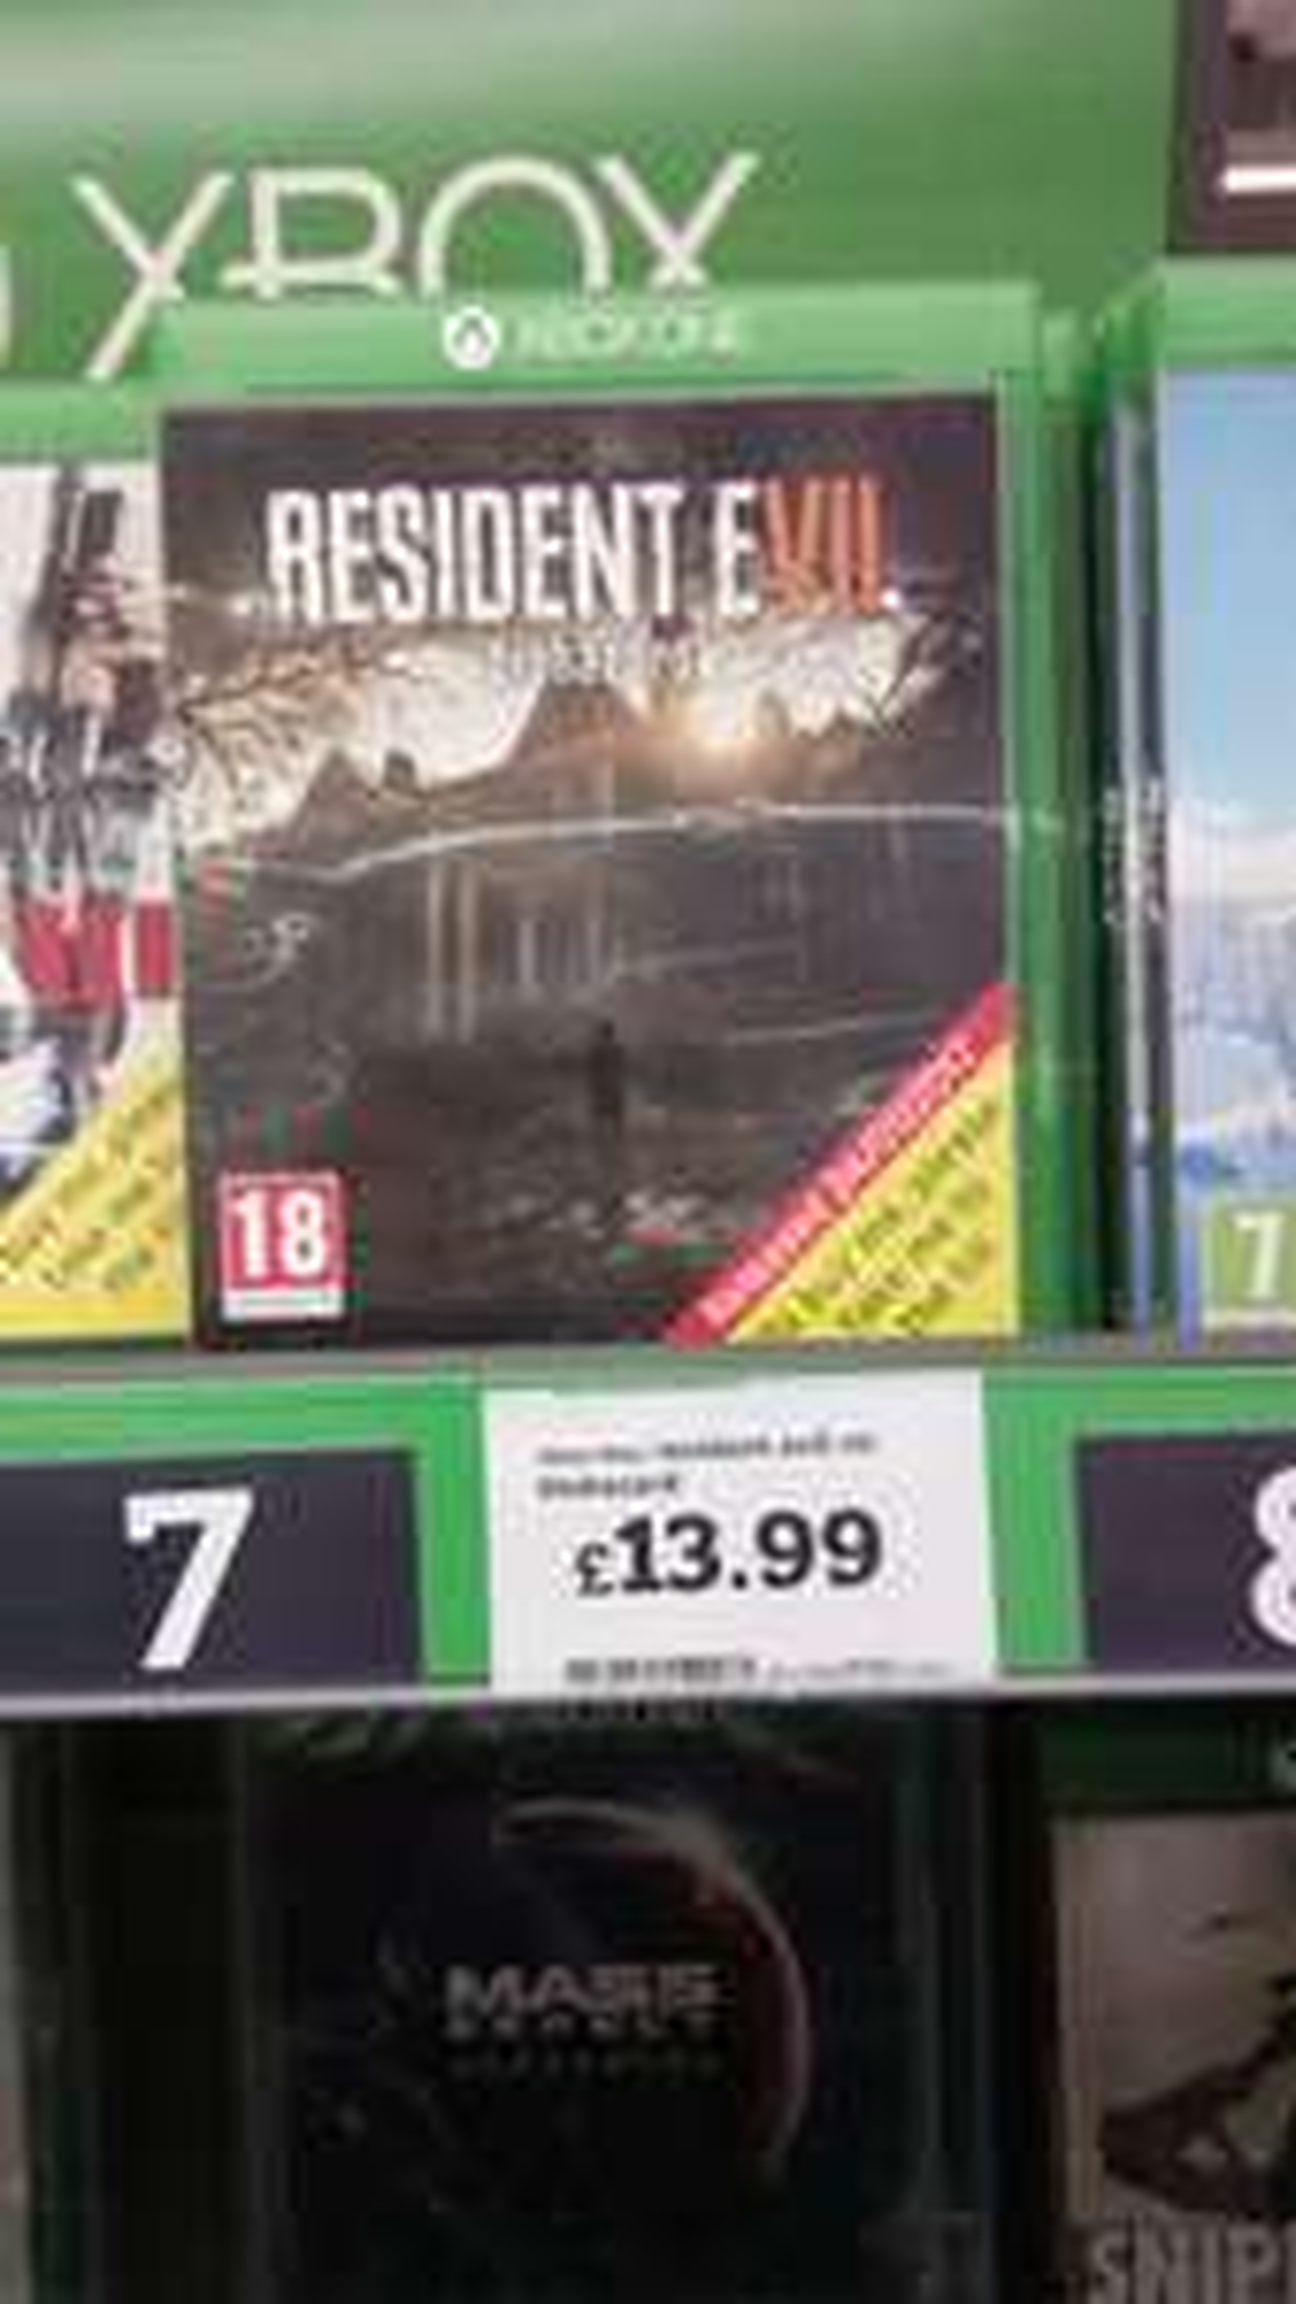 Resident evil 7 on xboxone £13.99 @ Sainsburys